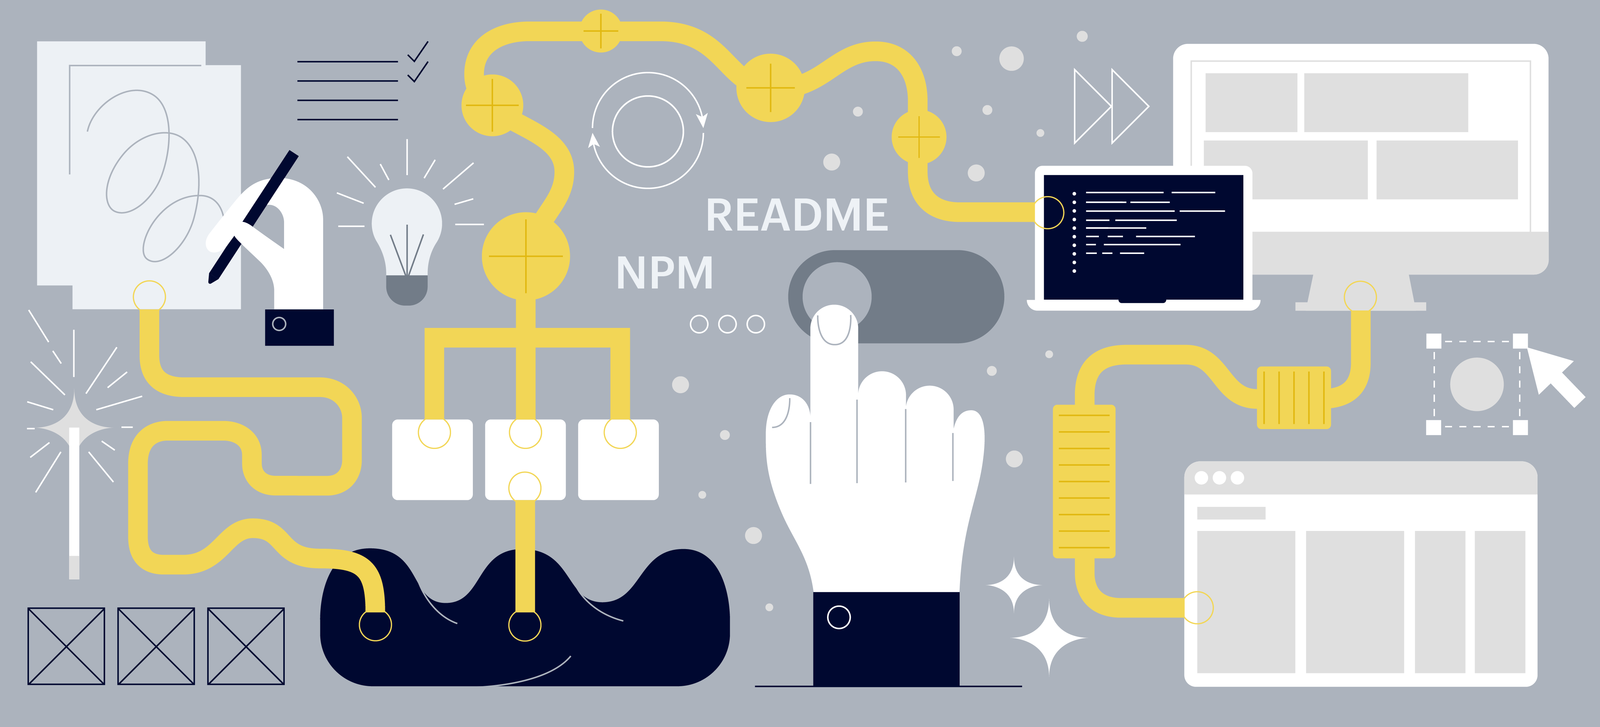 Как заопенсорсить npm-пакет с нормальным деплоем, CI и демо (без потери радости к жизни) - 1